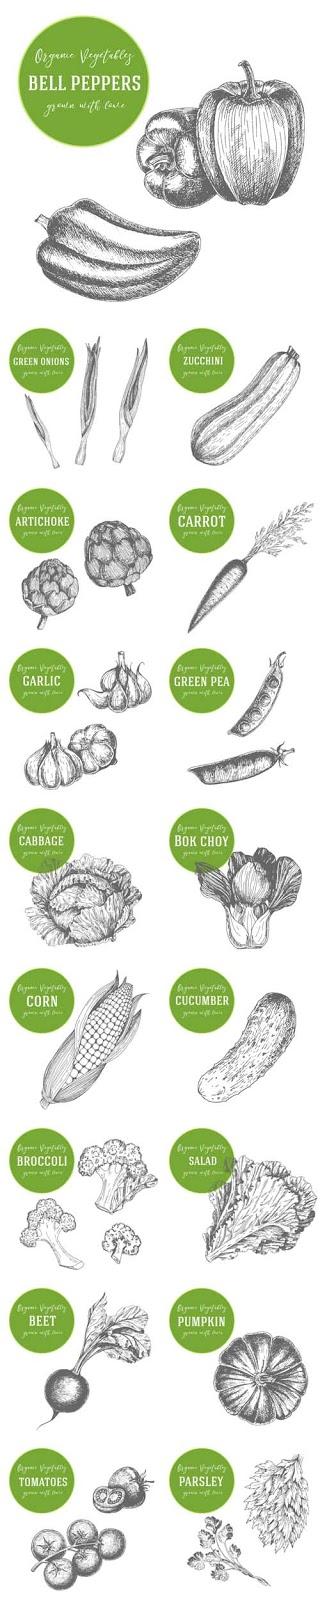 تحميل فيكتور خضراوات مرسومة جودة عالية